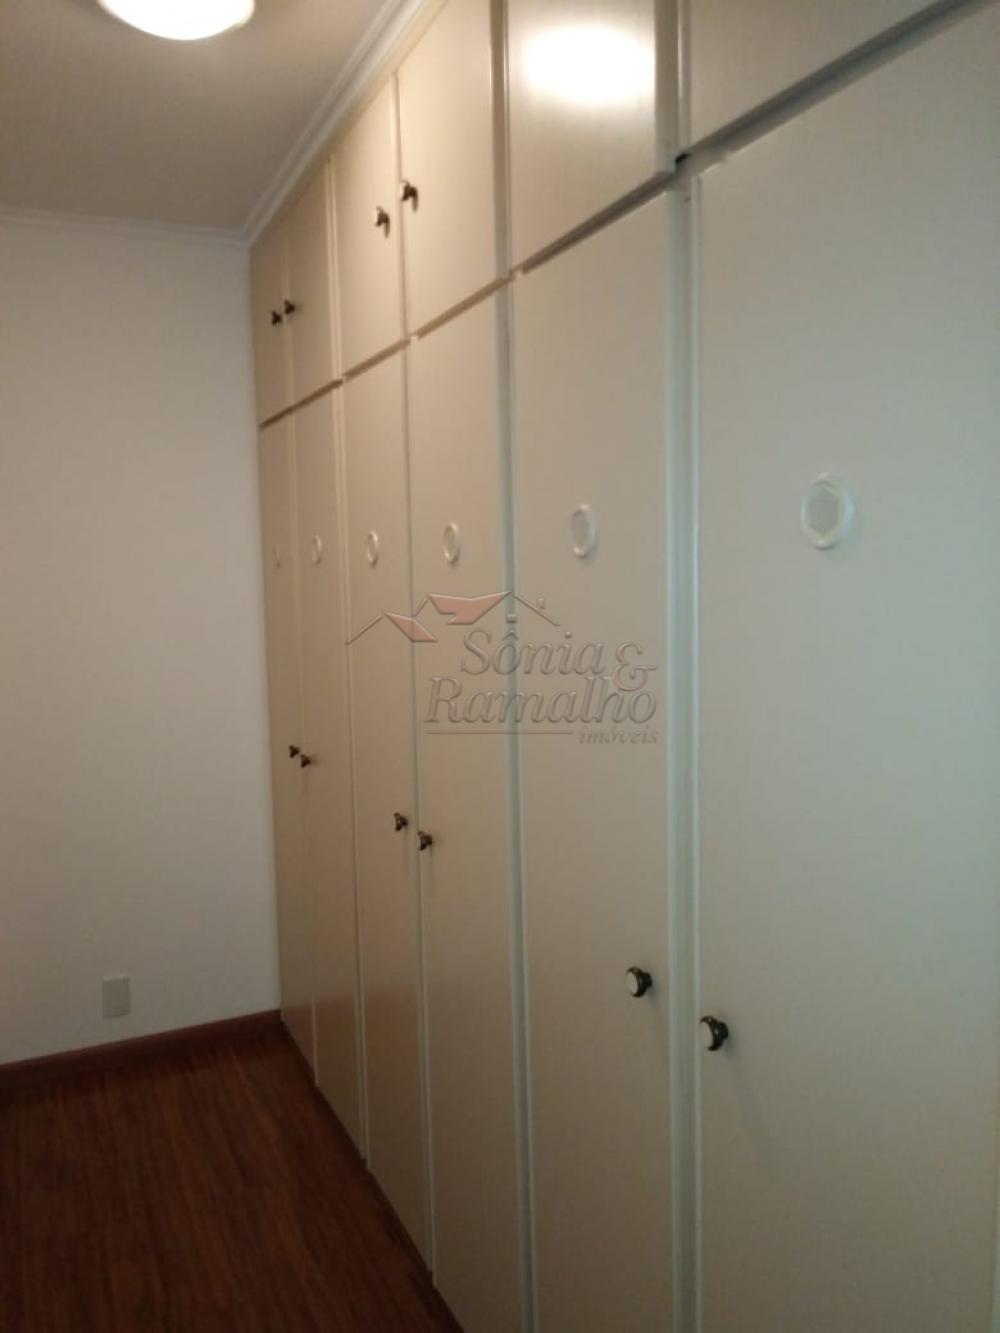 Alugar Casas / Padrão em Ribeirão Preto apenas R$ 3.600,00 - Foto 9